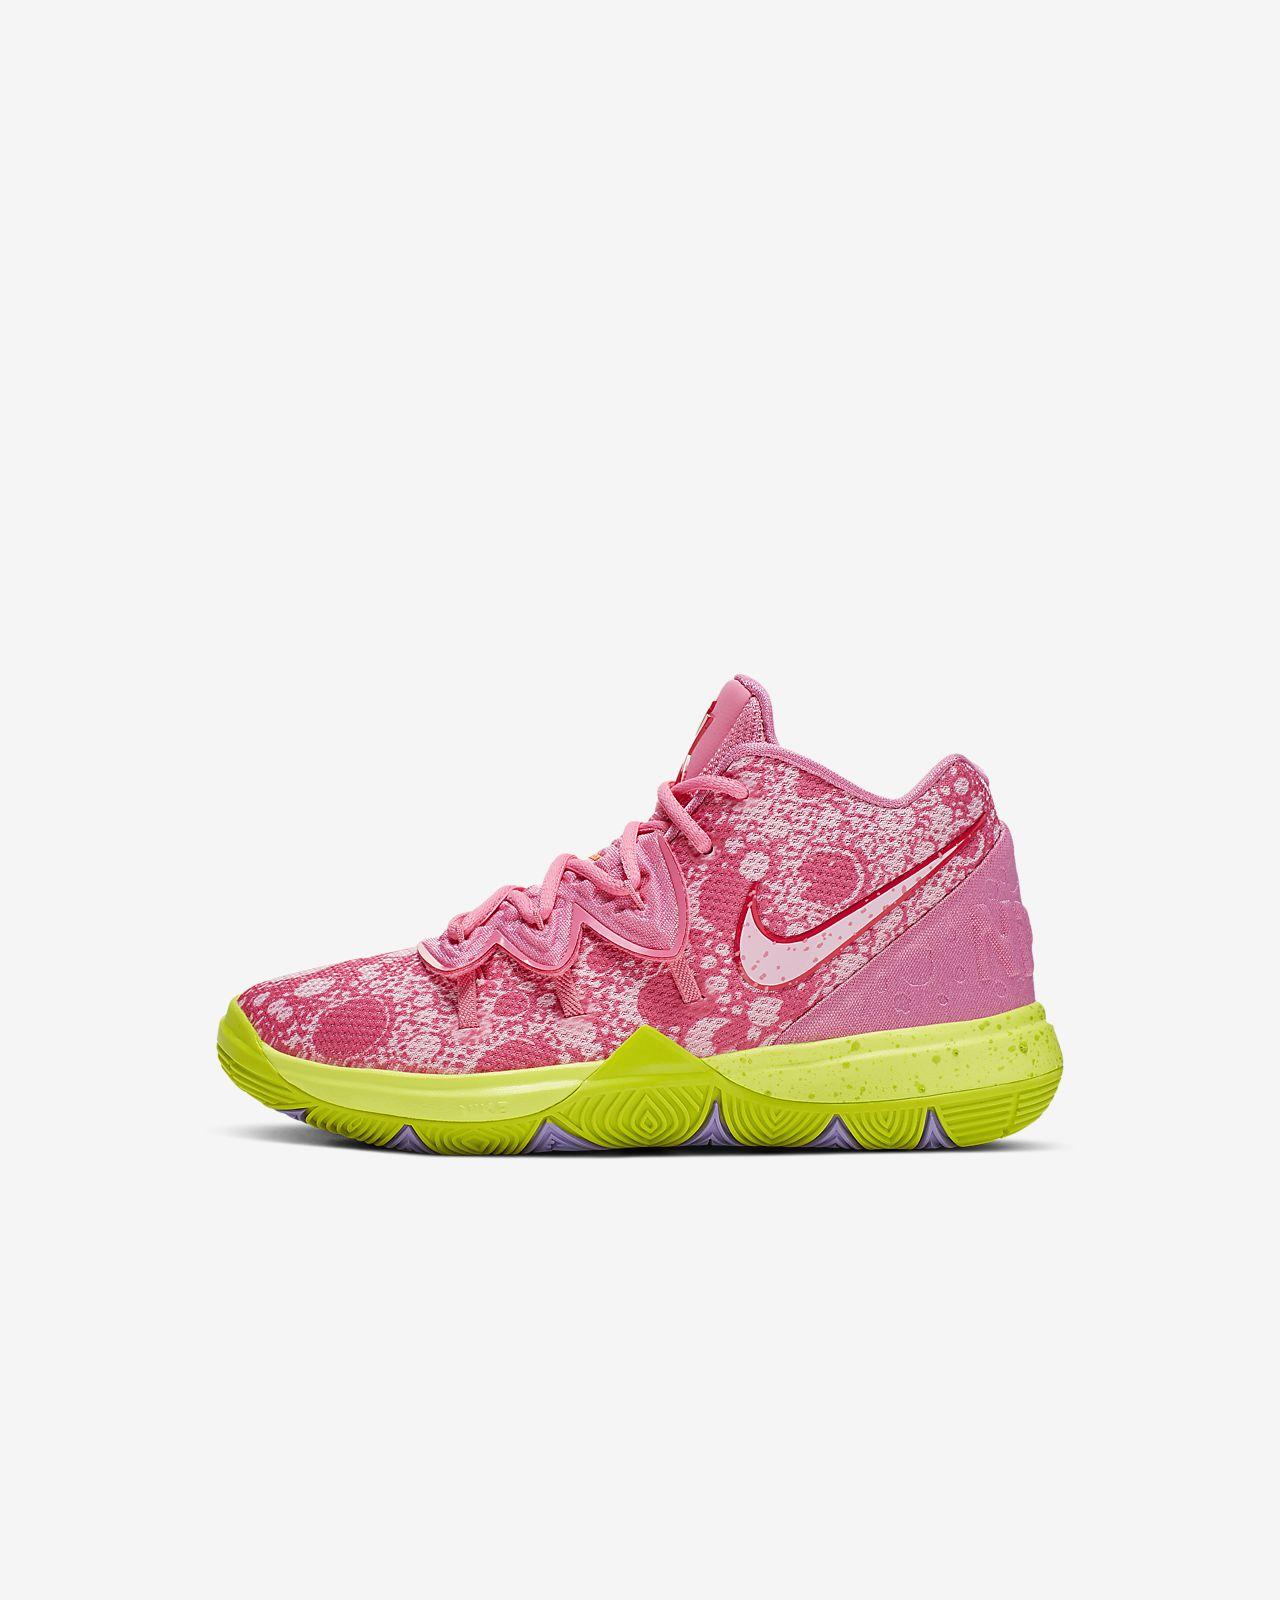 SpongeBob Nike Kyrie Shoes Full Release Info |